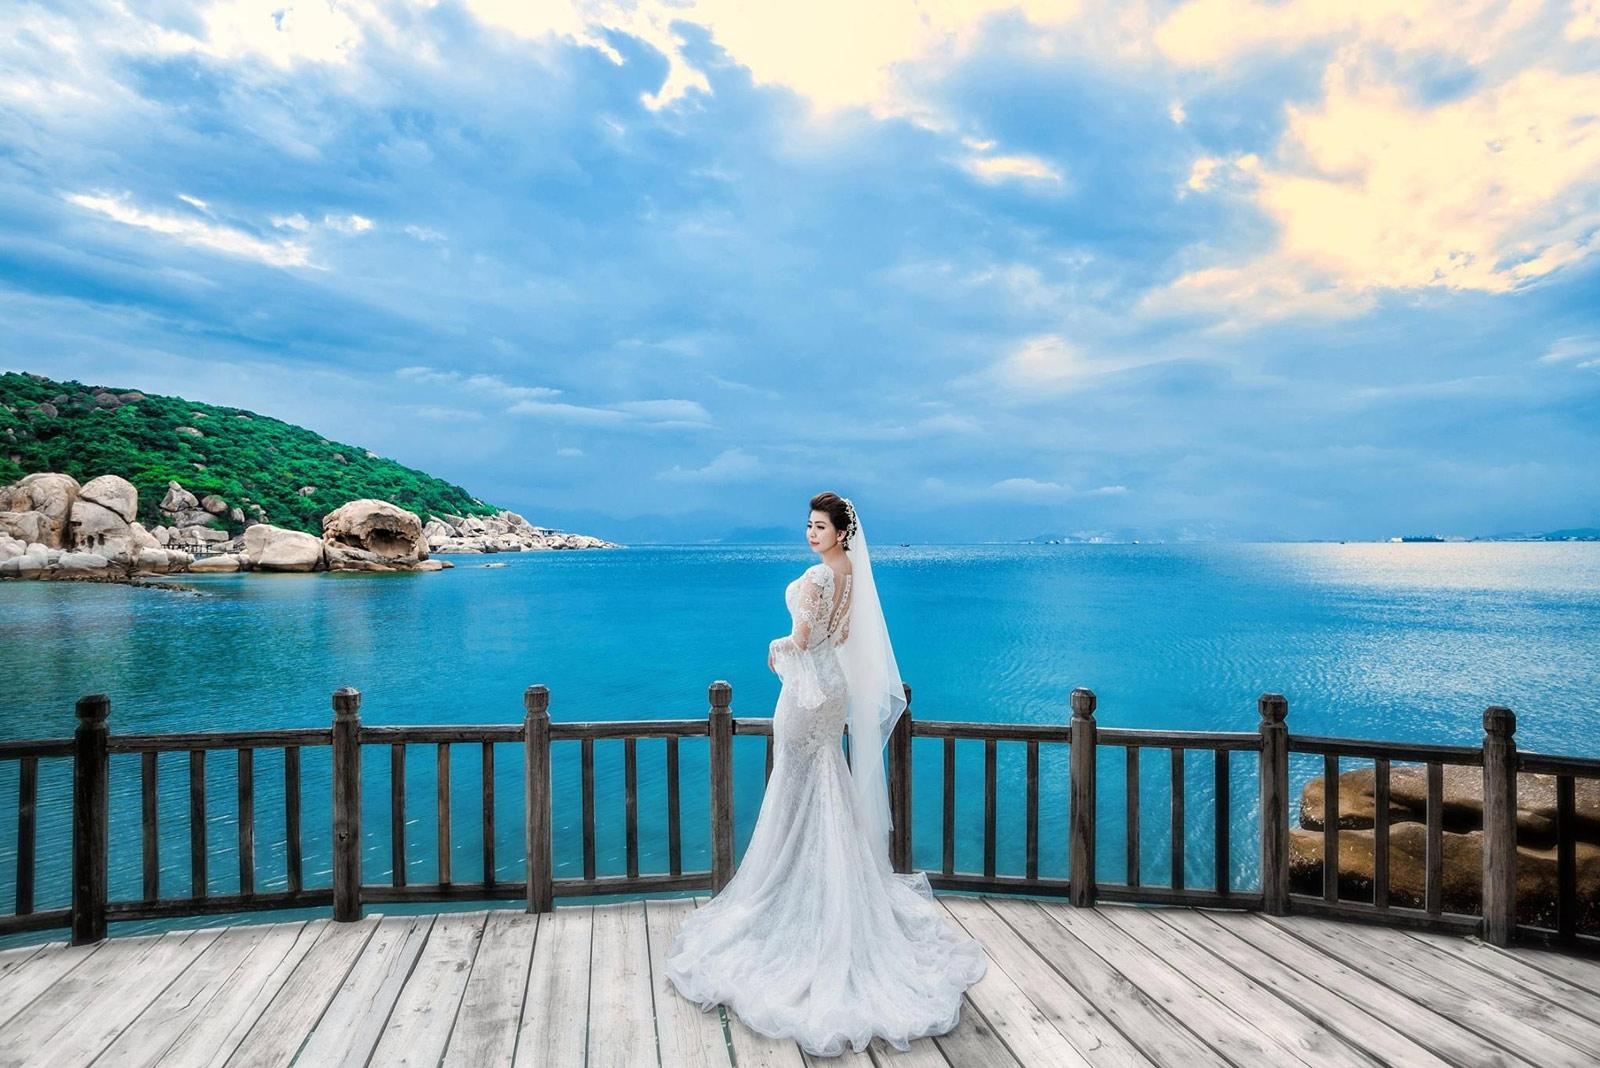 mẫu váy cưới mới đẹp